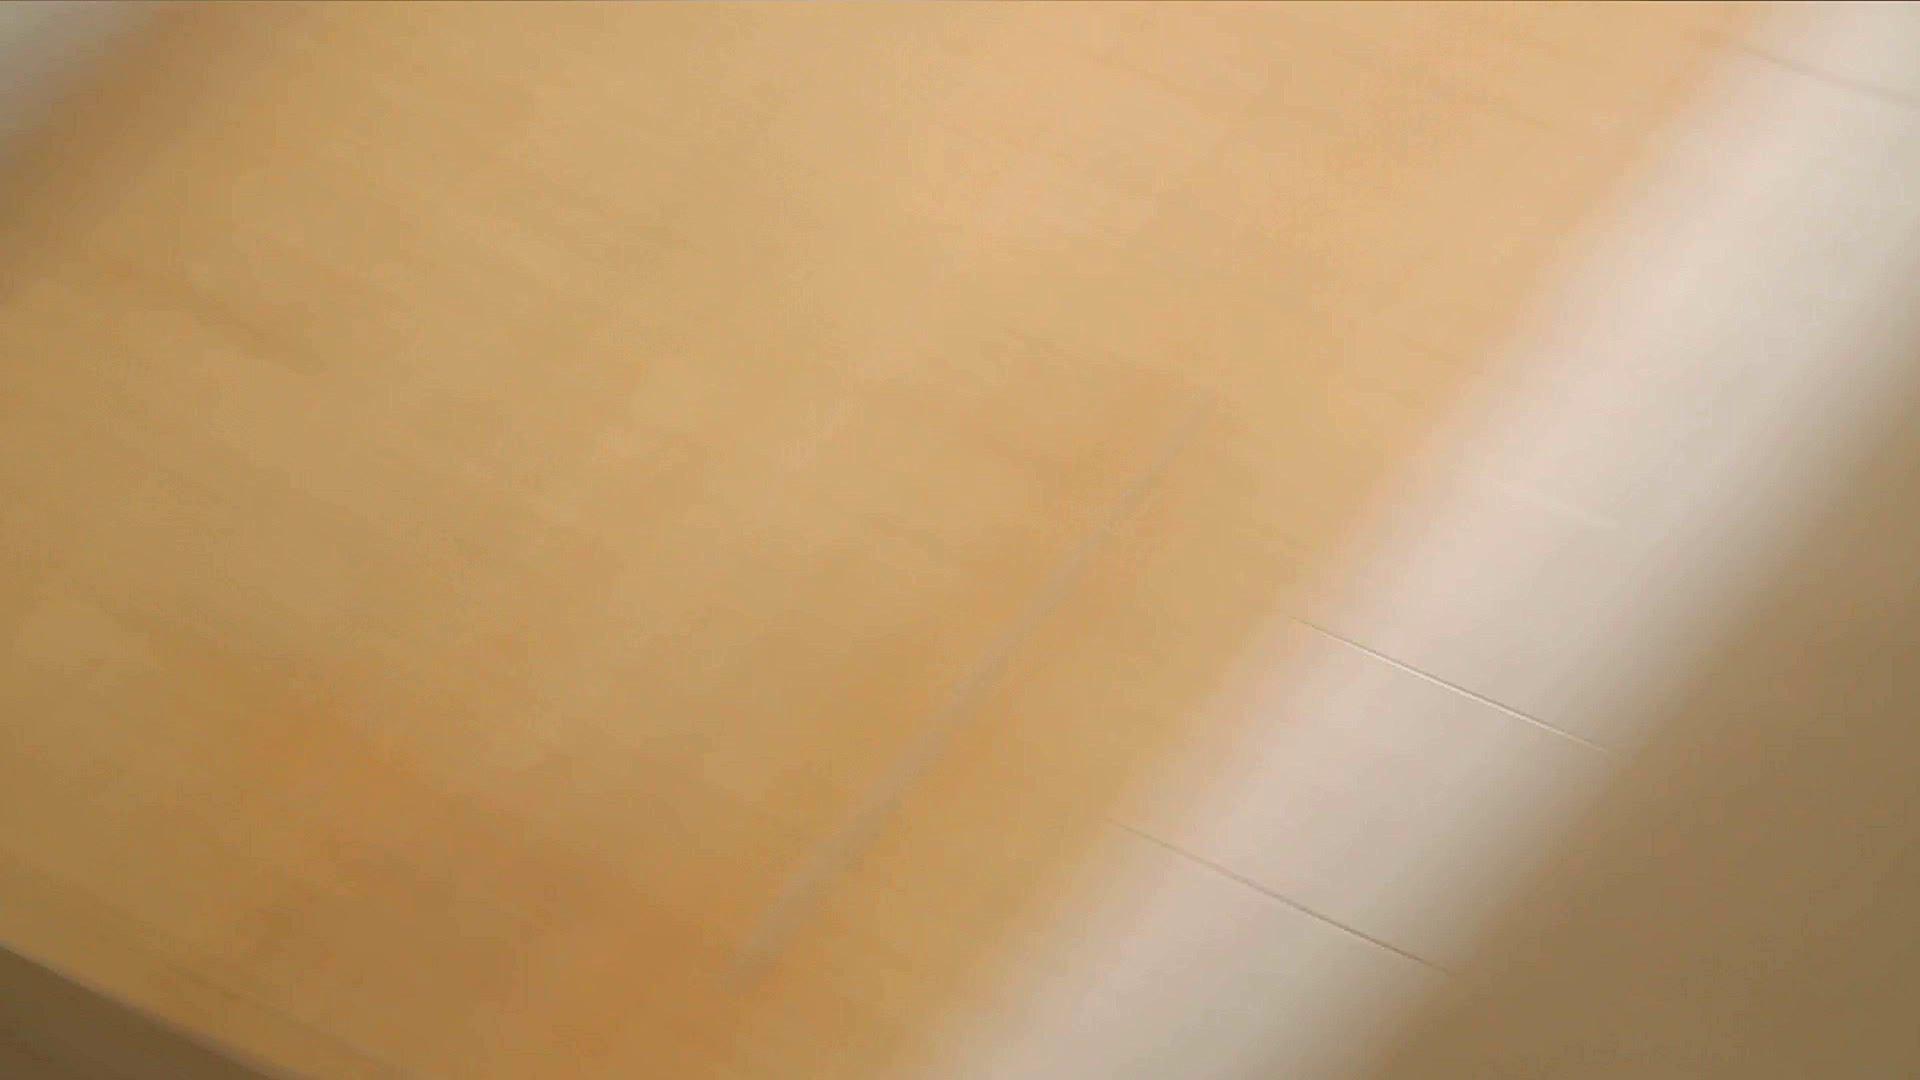 阿国ちゃんの「和式洋式七変化」No.1 盛合せ | 洗面所のぞき  89枚 76